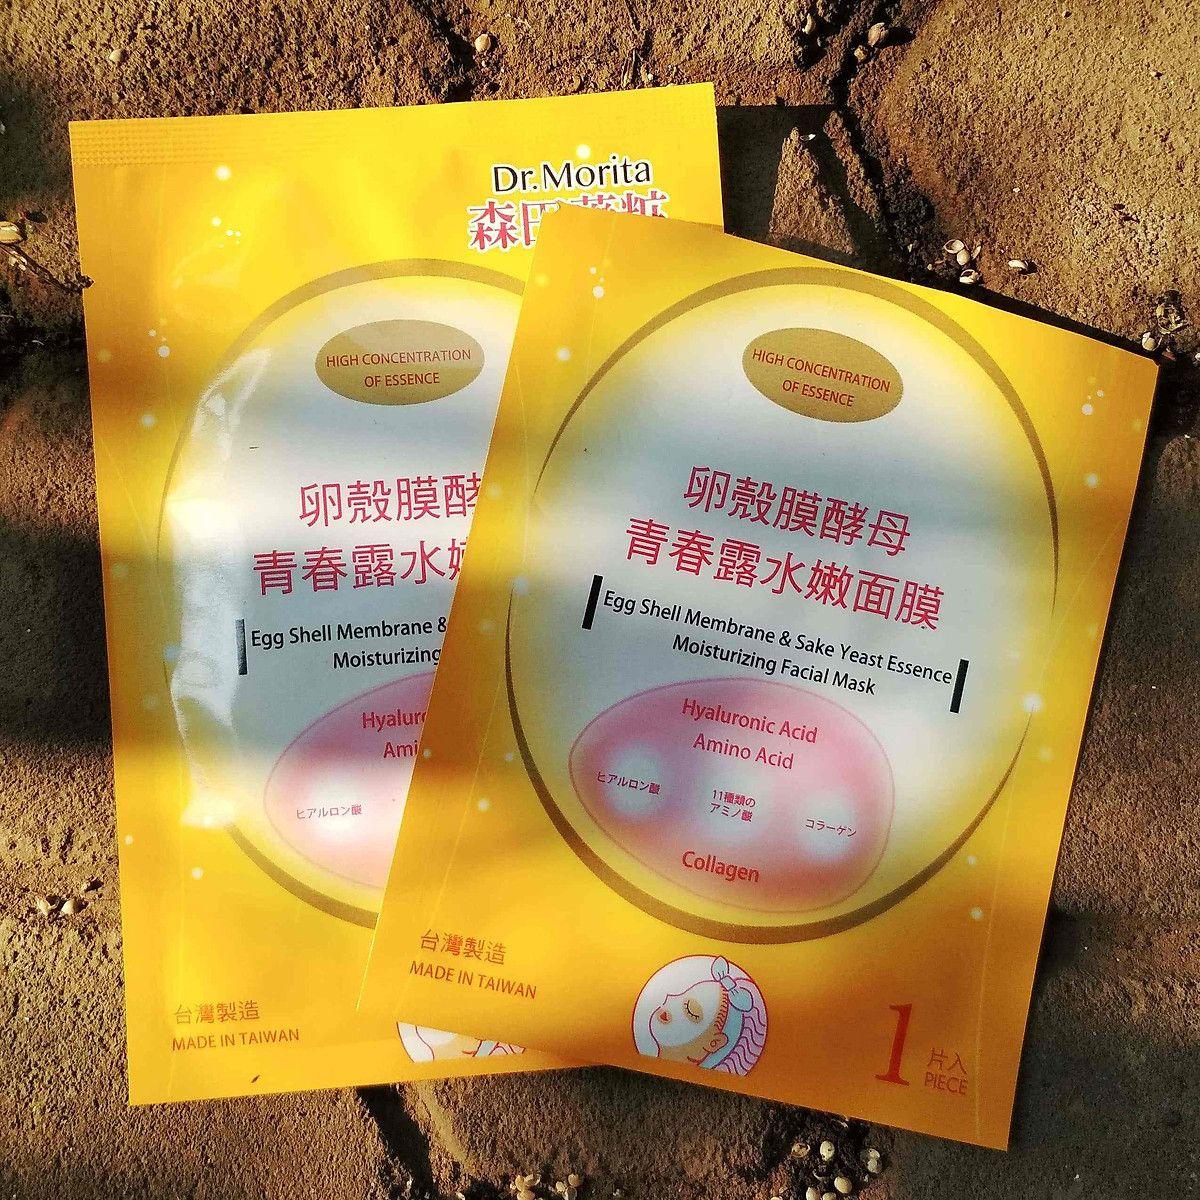 Đánh giá chi tiết Egg Shell Membrane & Yeast Essence Moisturizing Facial Mask